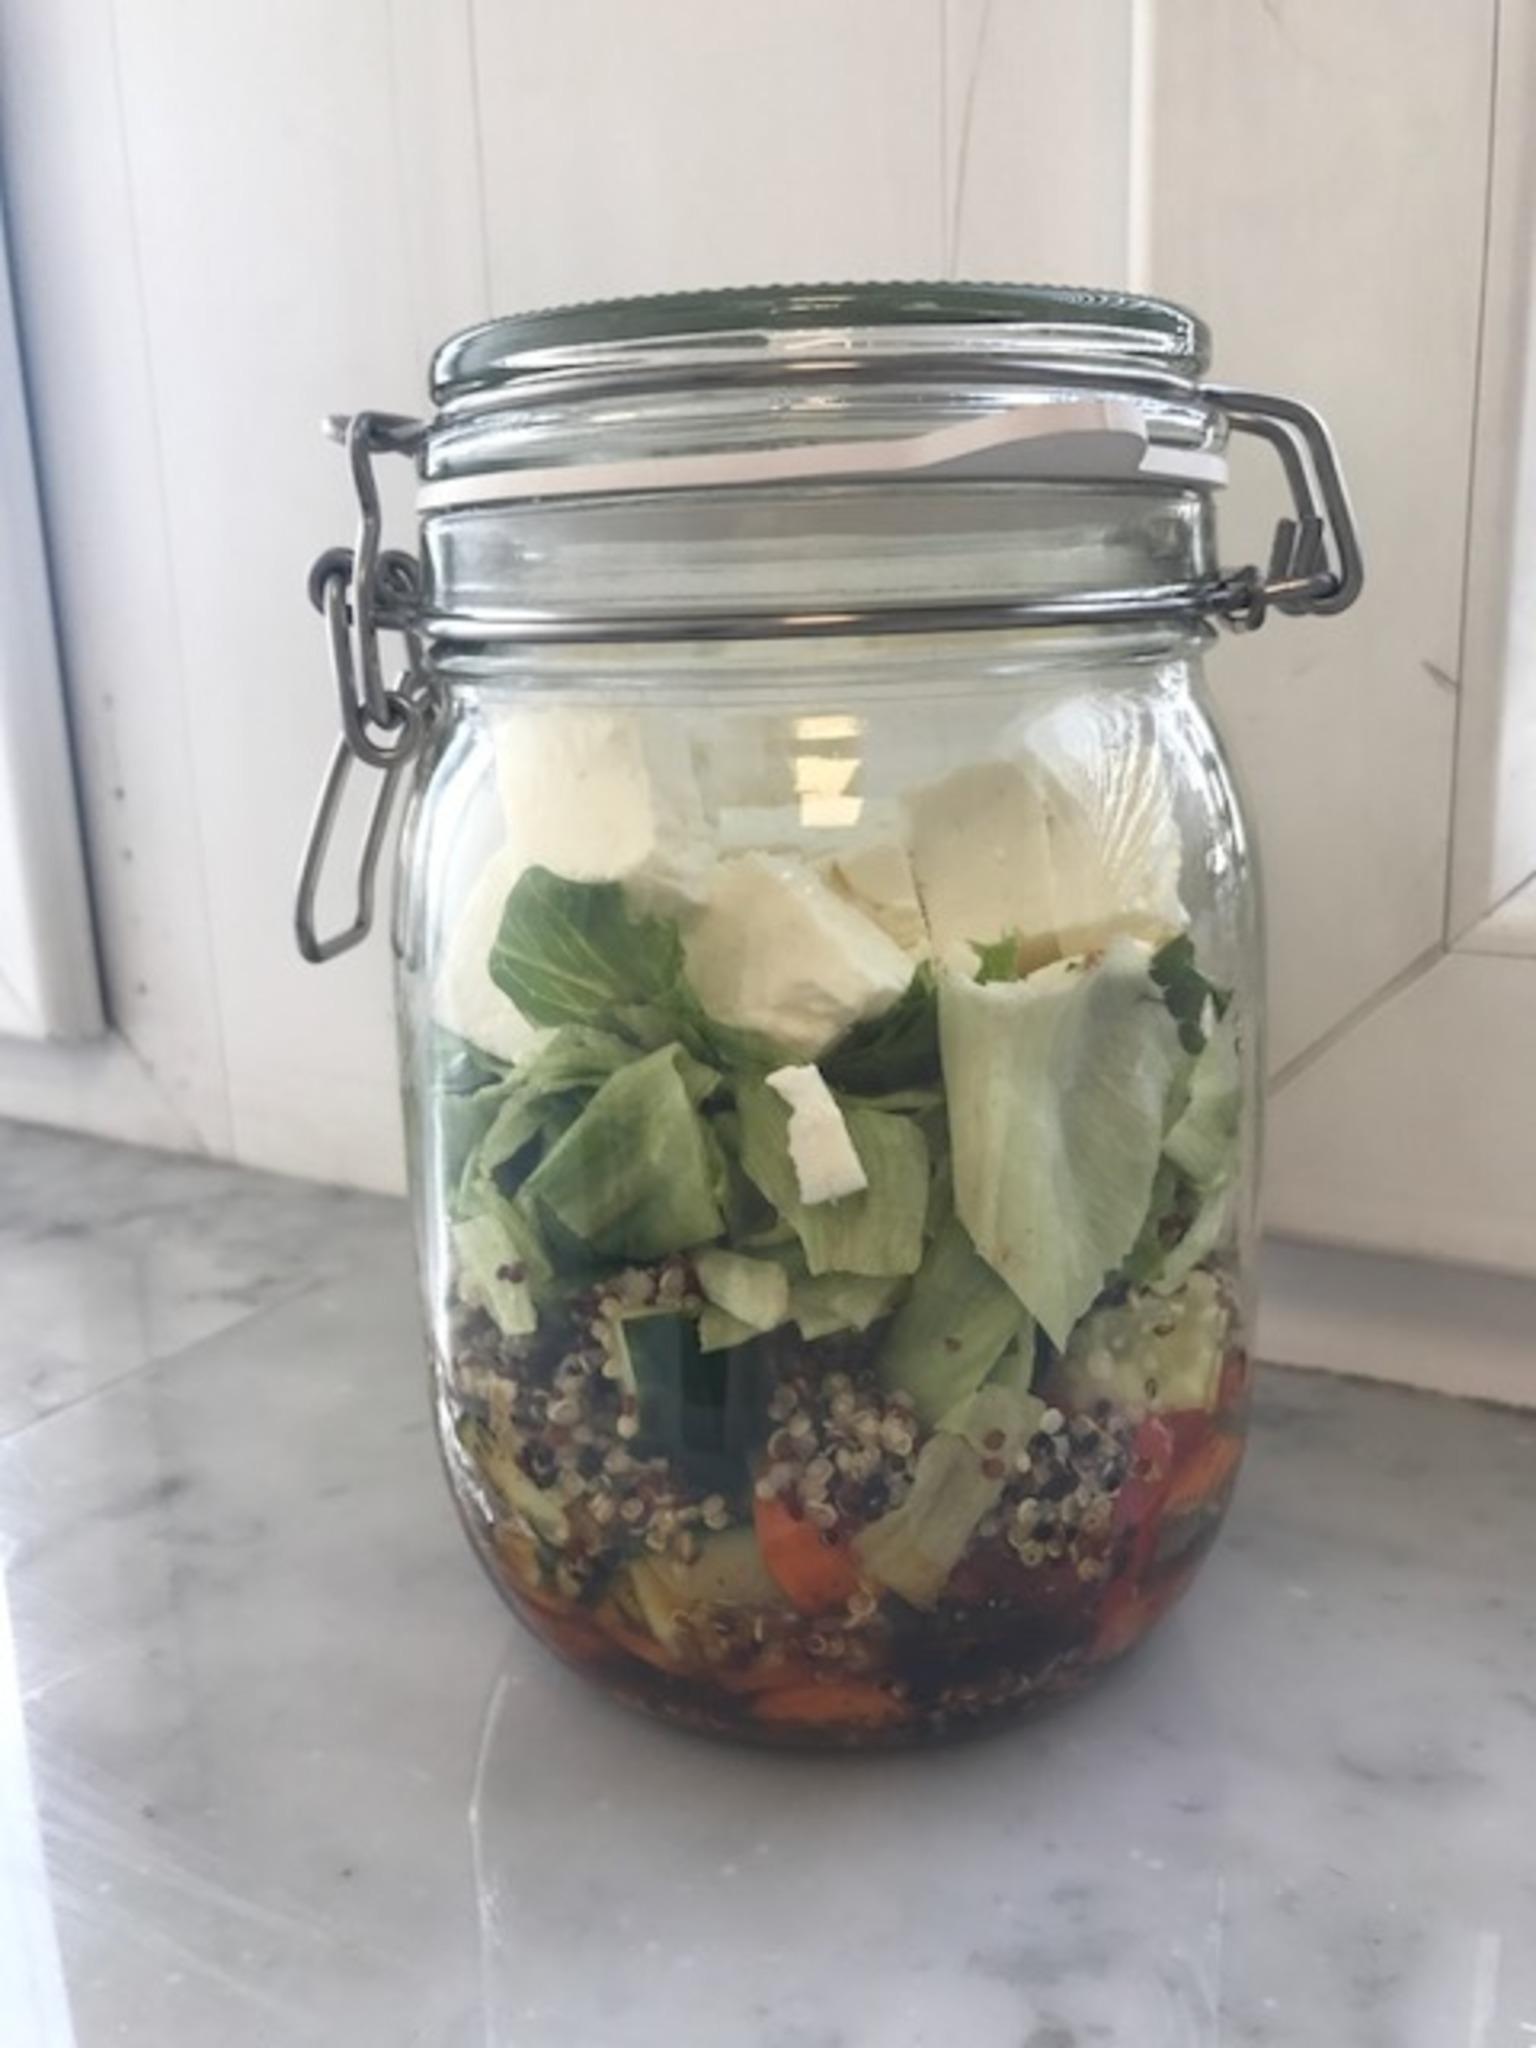 salat im glas zum mitnehmen rezeptbeispiel innsbruck. Black Bedroom Furniture Sets. Home Design Ideas